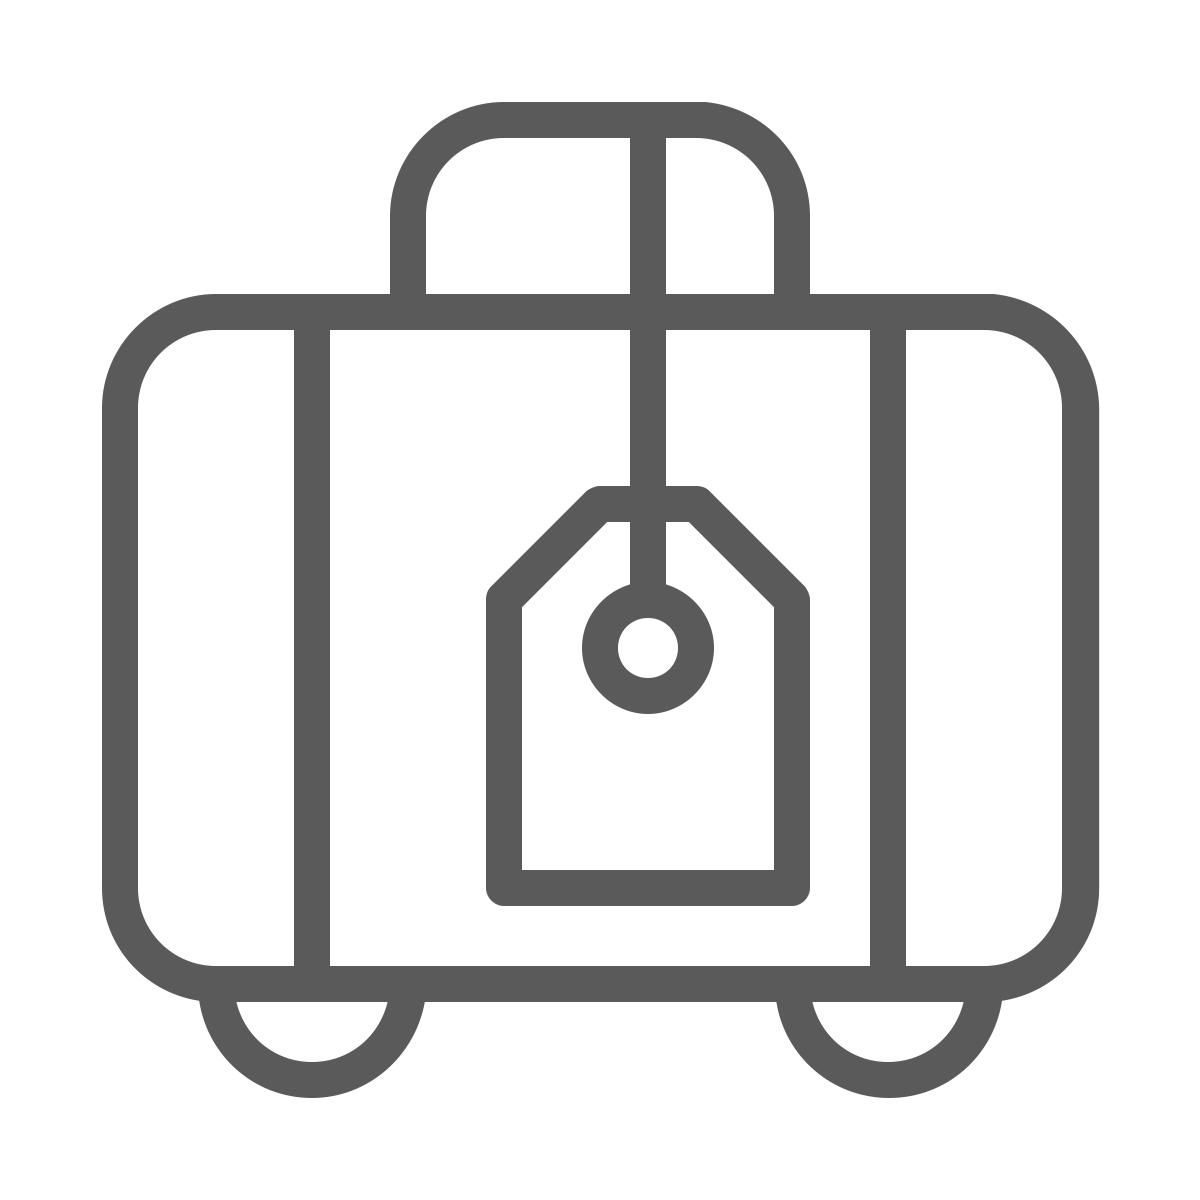 Suitcase symbol